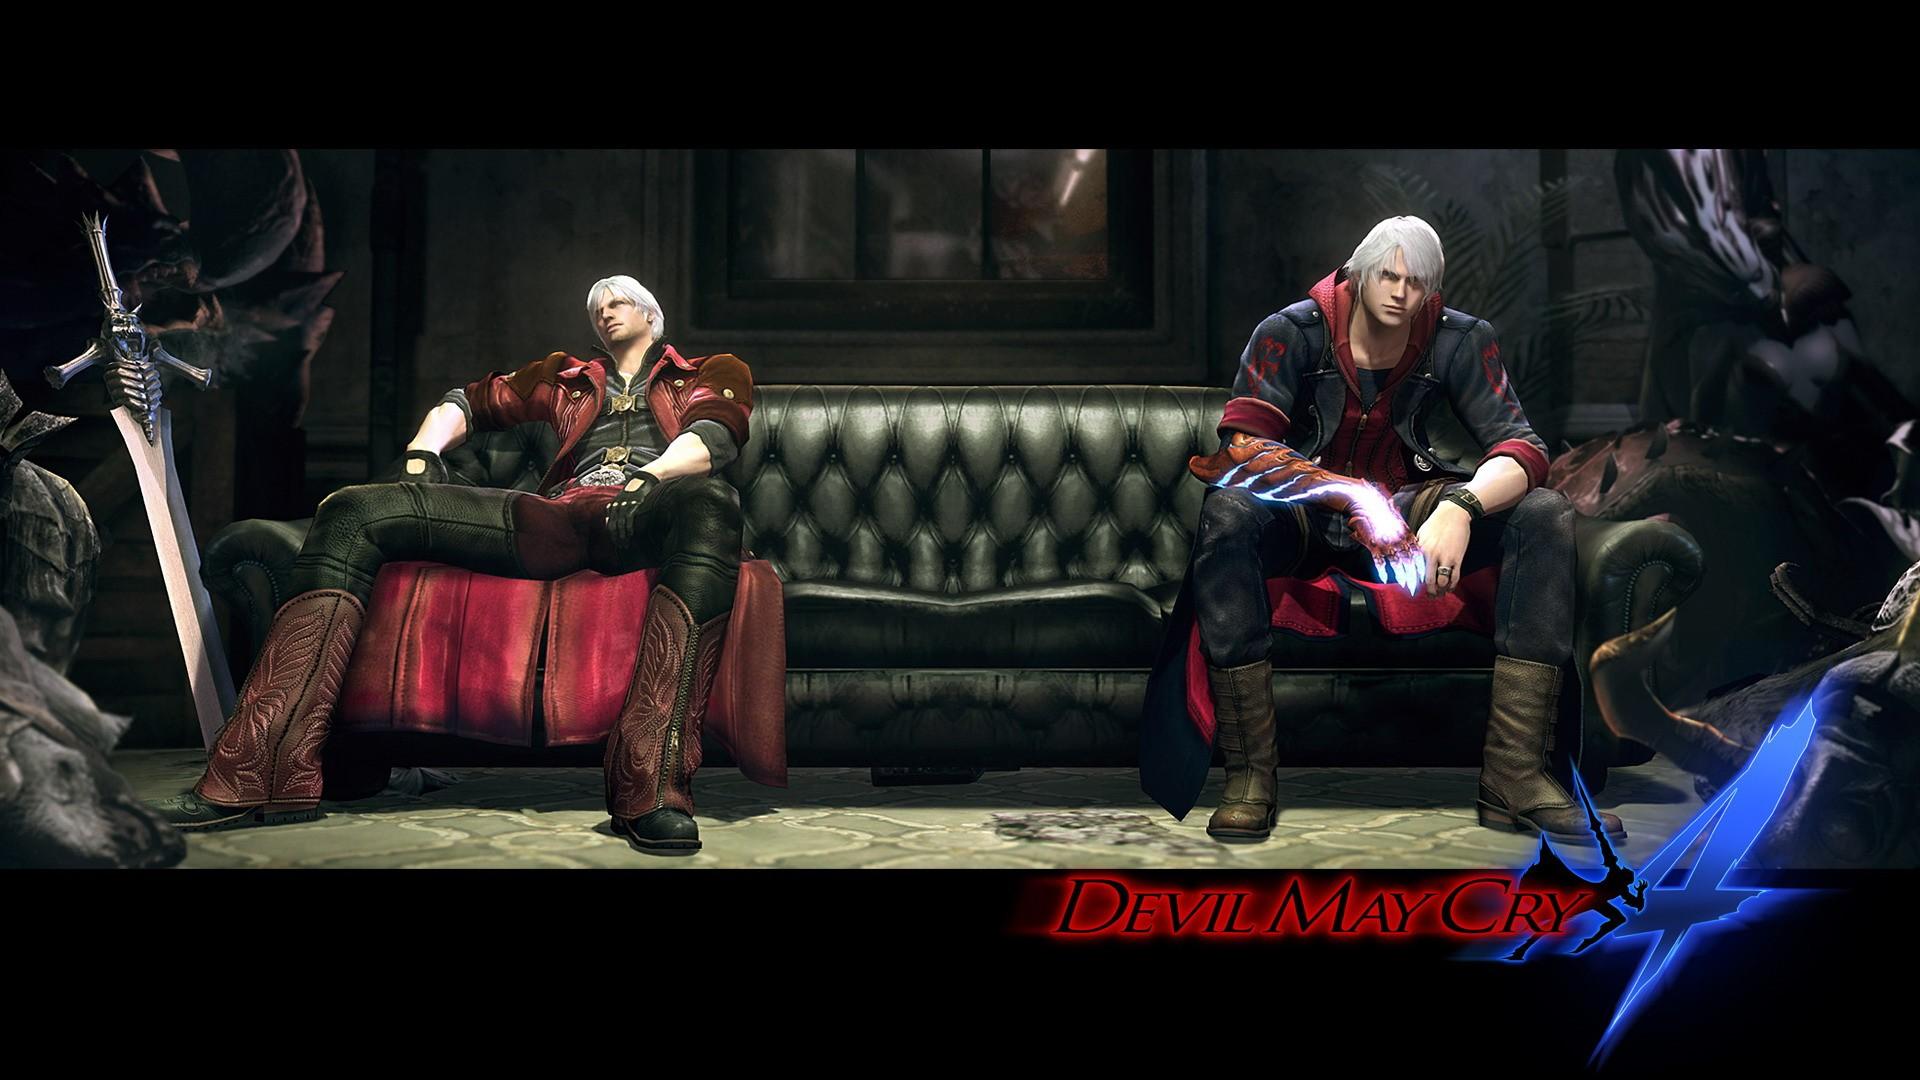 Devil May Cry Dante Nero Swords Wallpaper 1920x1080 231515